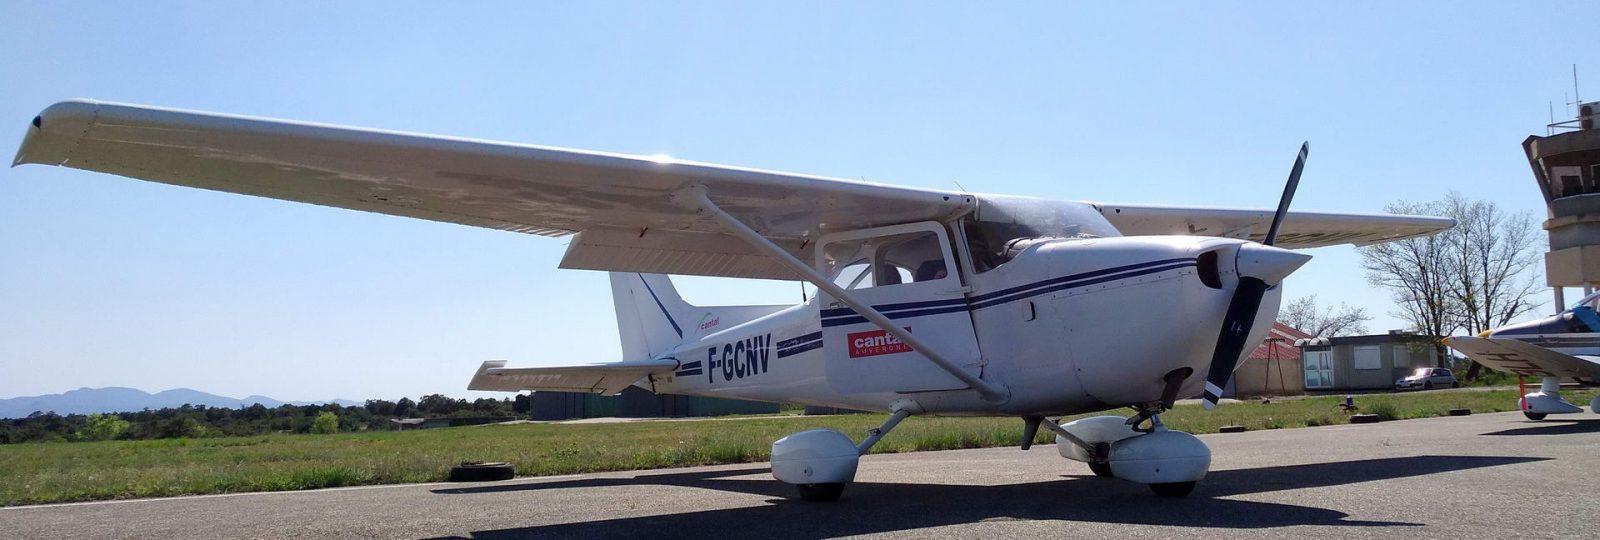 Vols avec les pilotes de Haute Auvergne-4